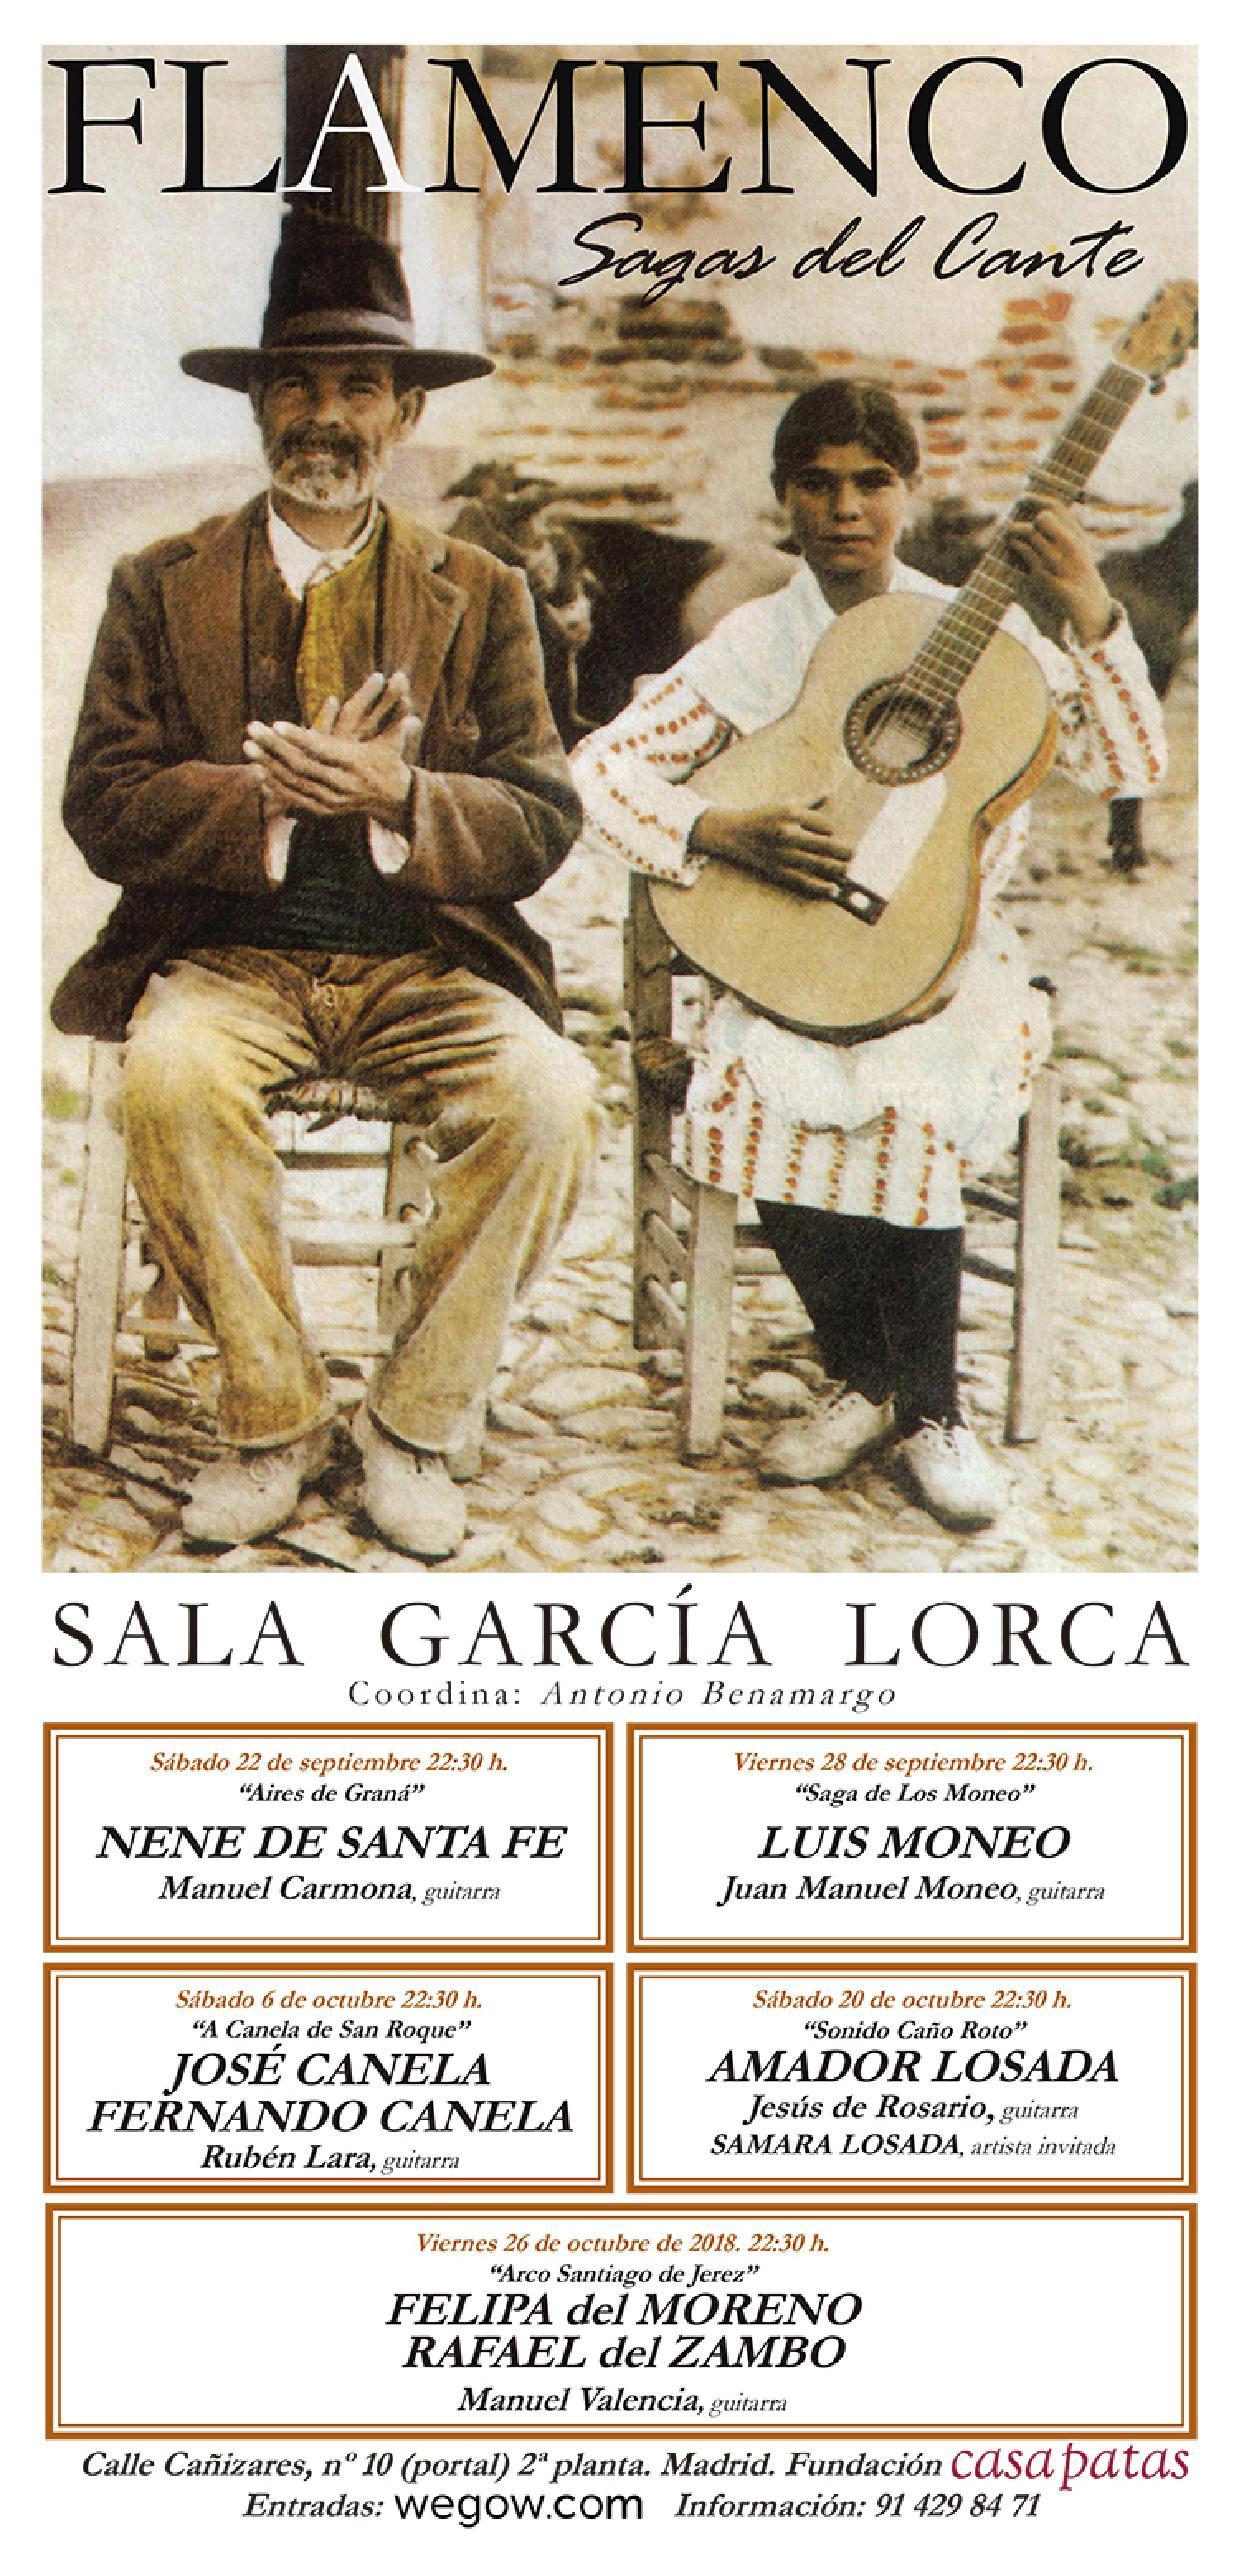 programación ciclo sagas del cante 2018 sala garcía lorca fundación conservatorio flamenco casa patas madrid